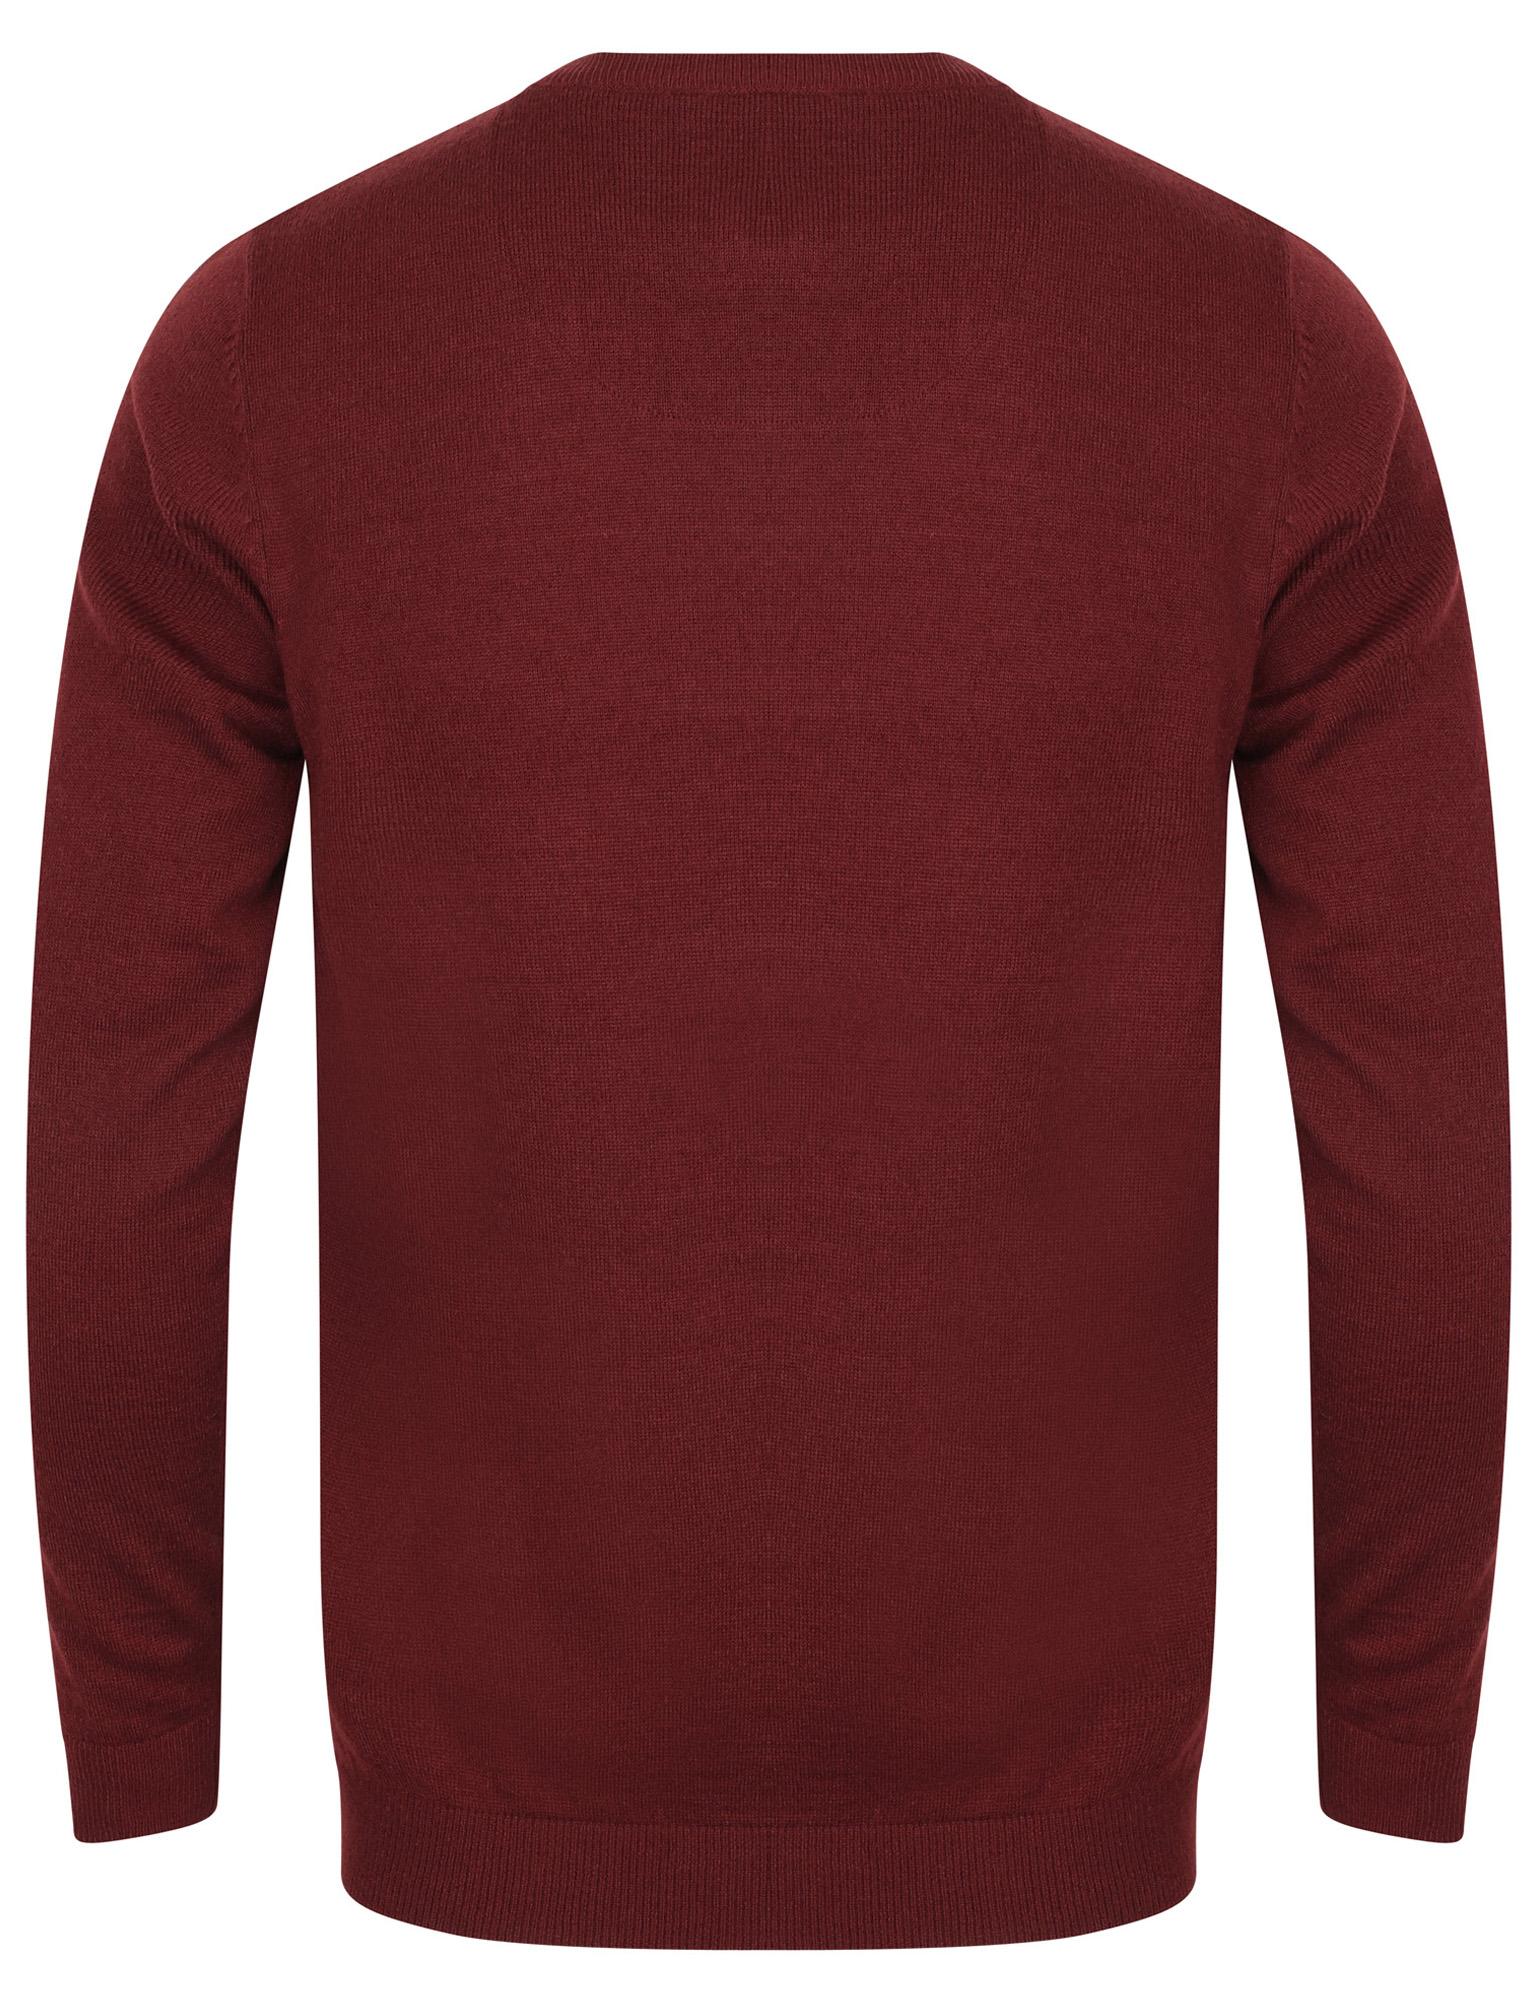 Kensington-Eastside-Men-039-s-Wool-Blend-Knitted-Crew-or-V-Neck-Jumper-Sweater-Top thumbnail 15